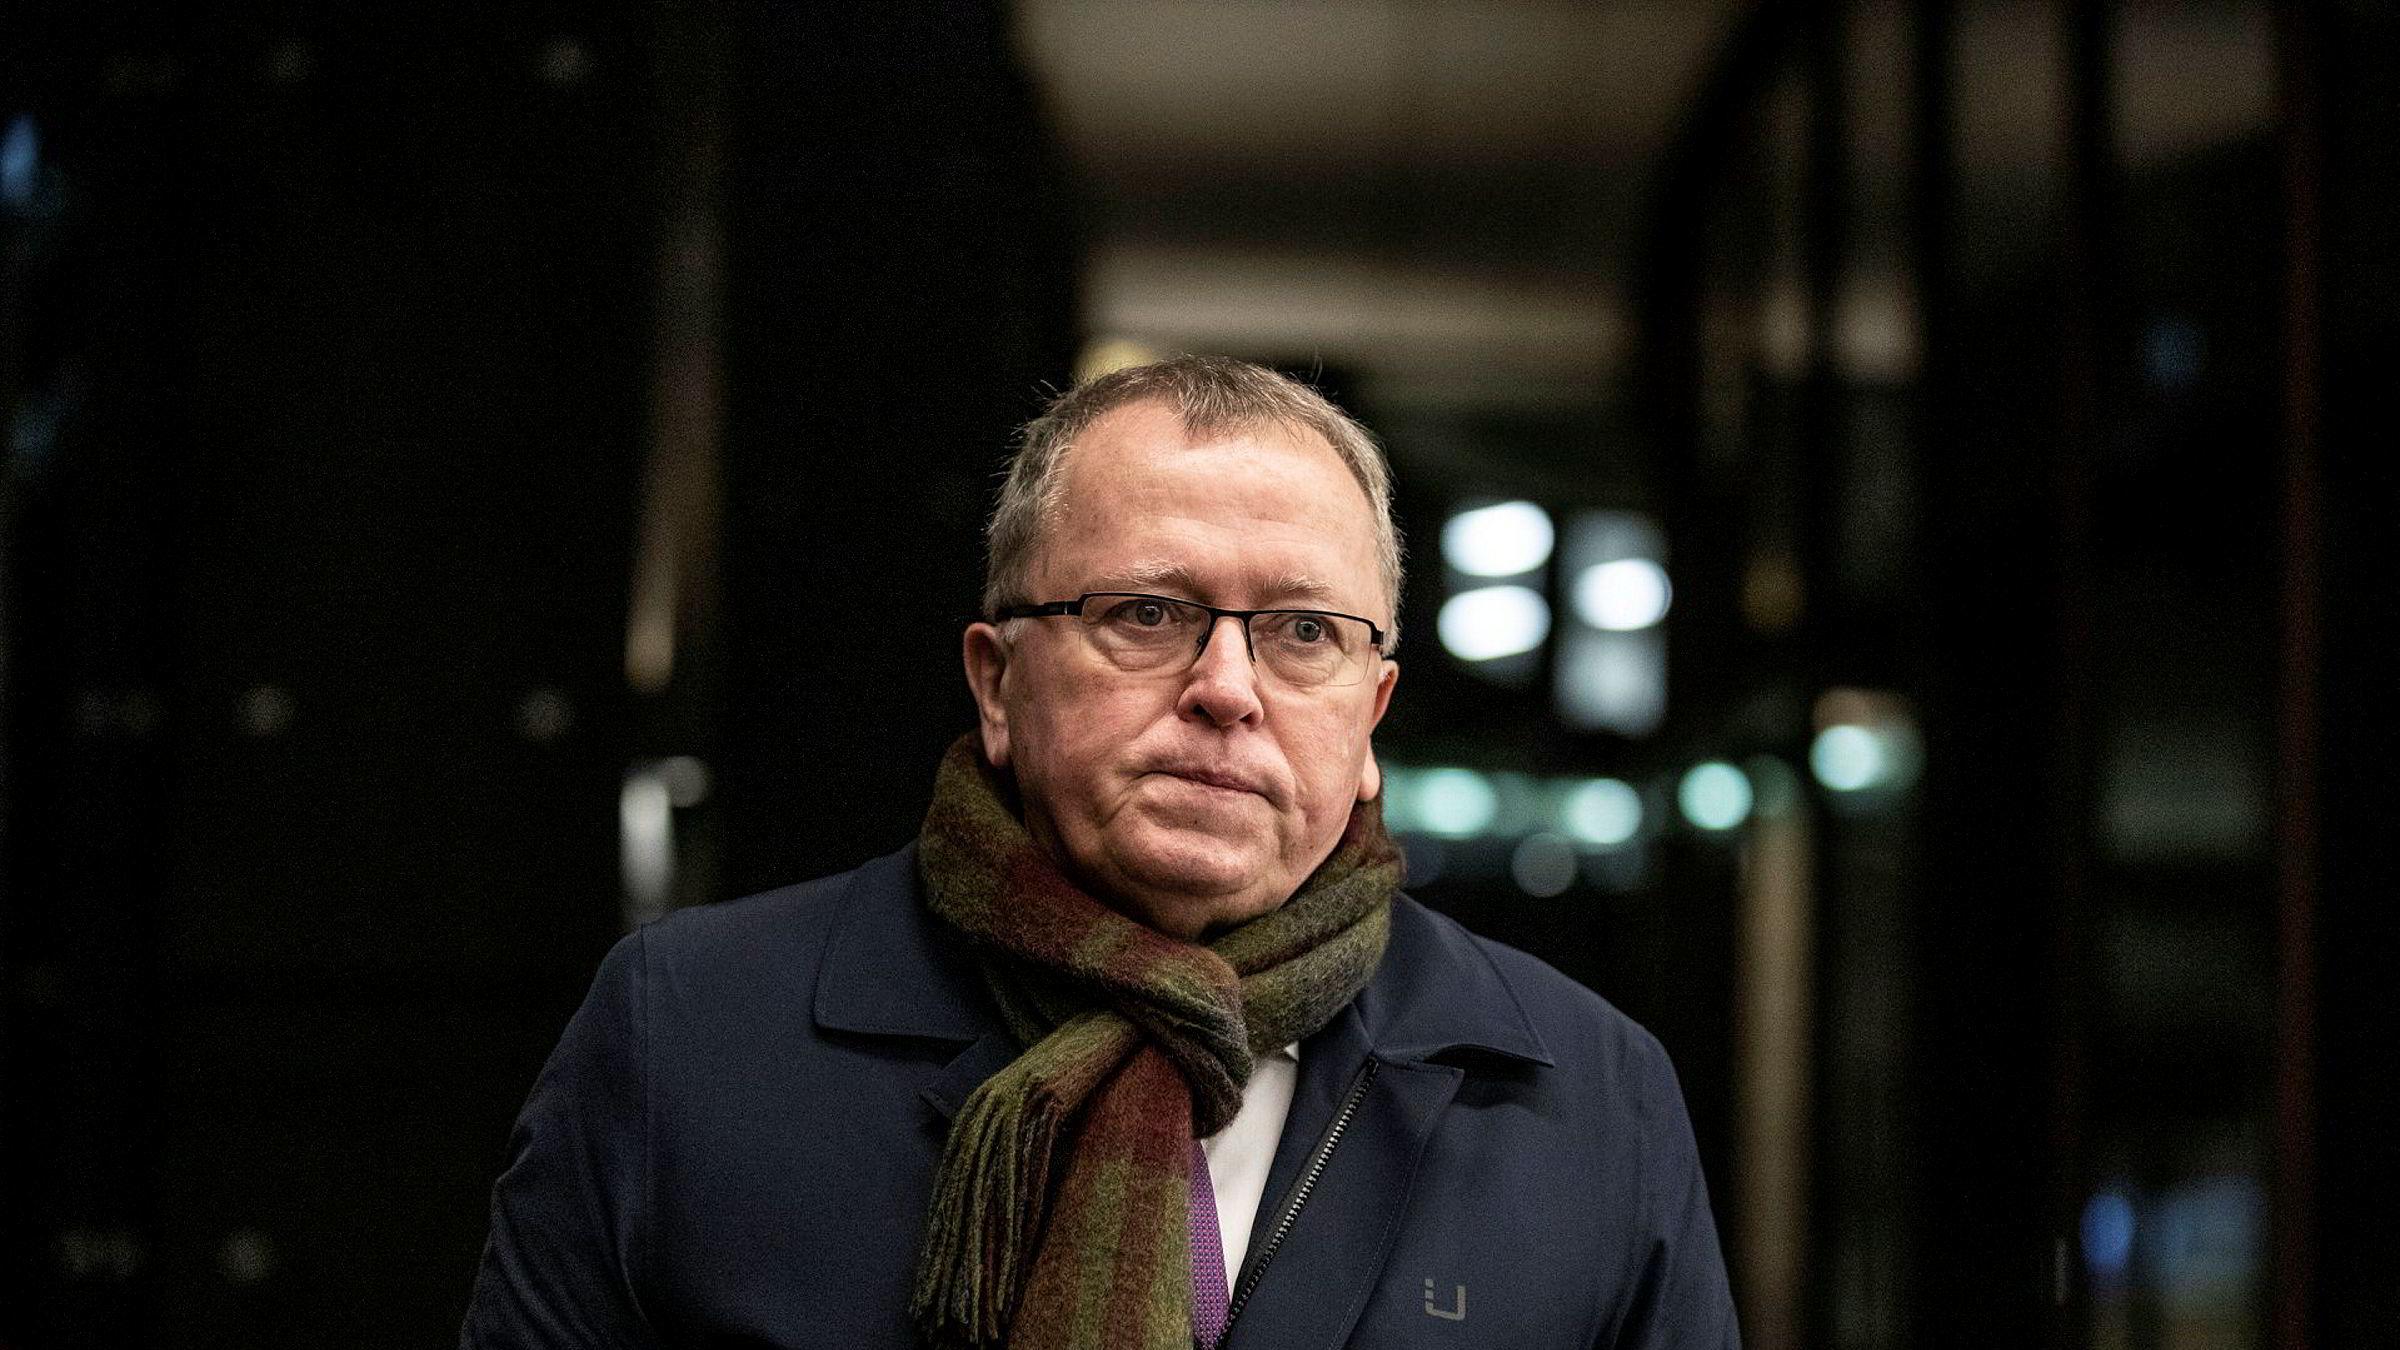 Konsernsjef Eldar Sætre i Equinor sier han og styret har vært tett på de store problemene i USA.